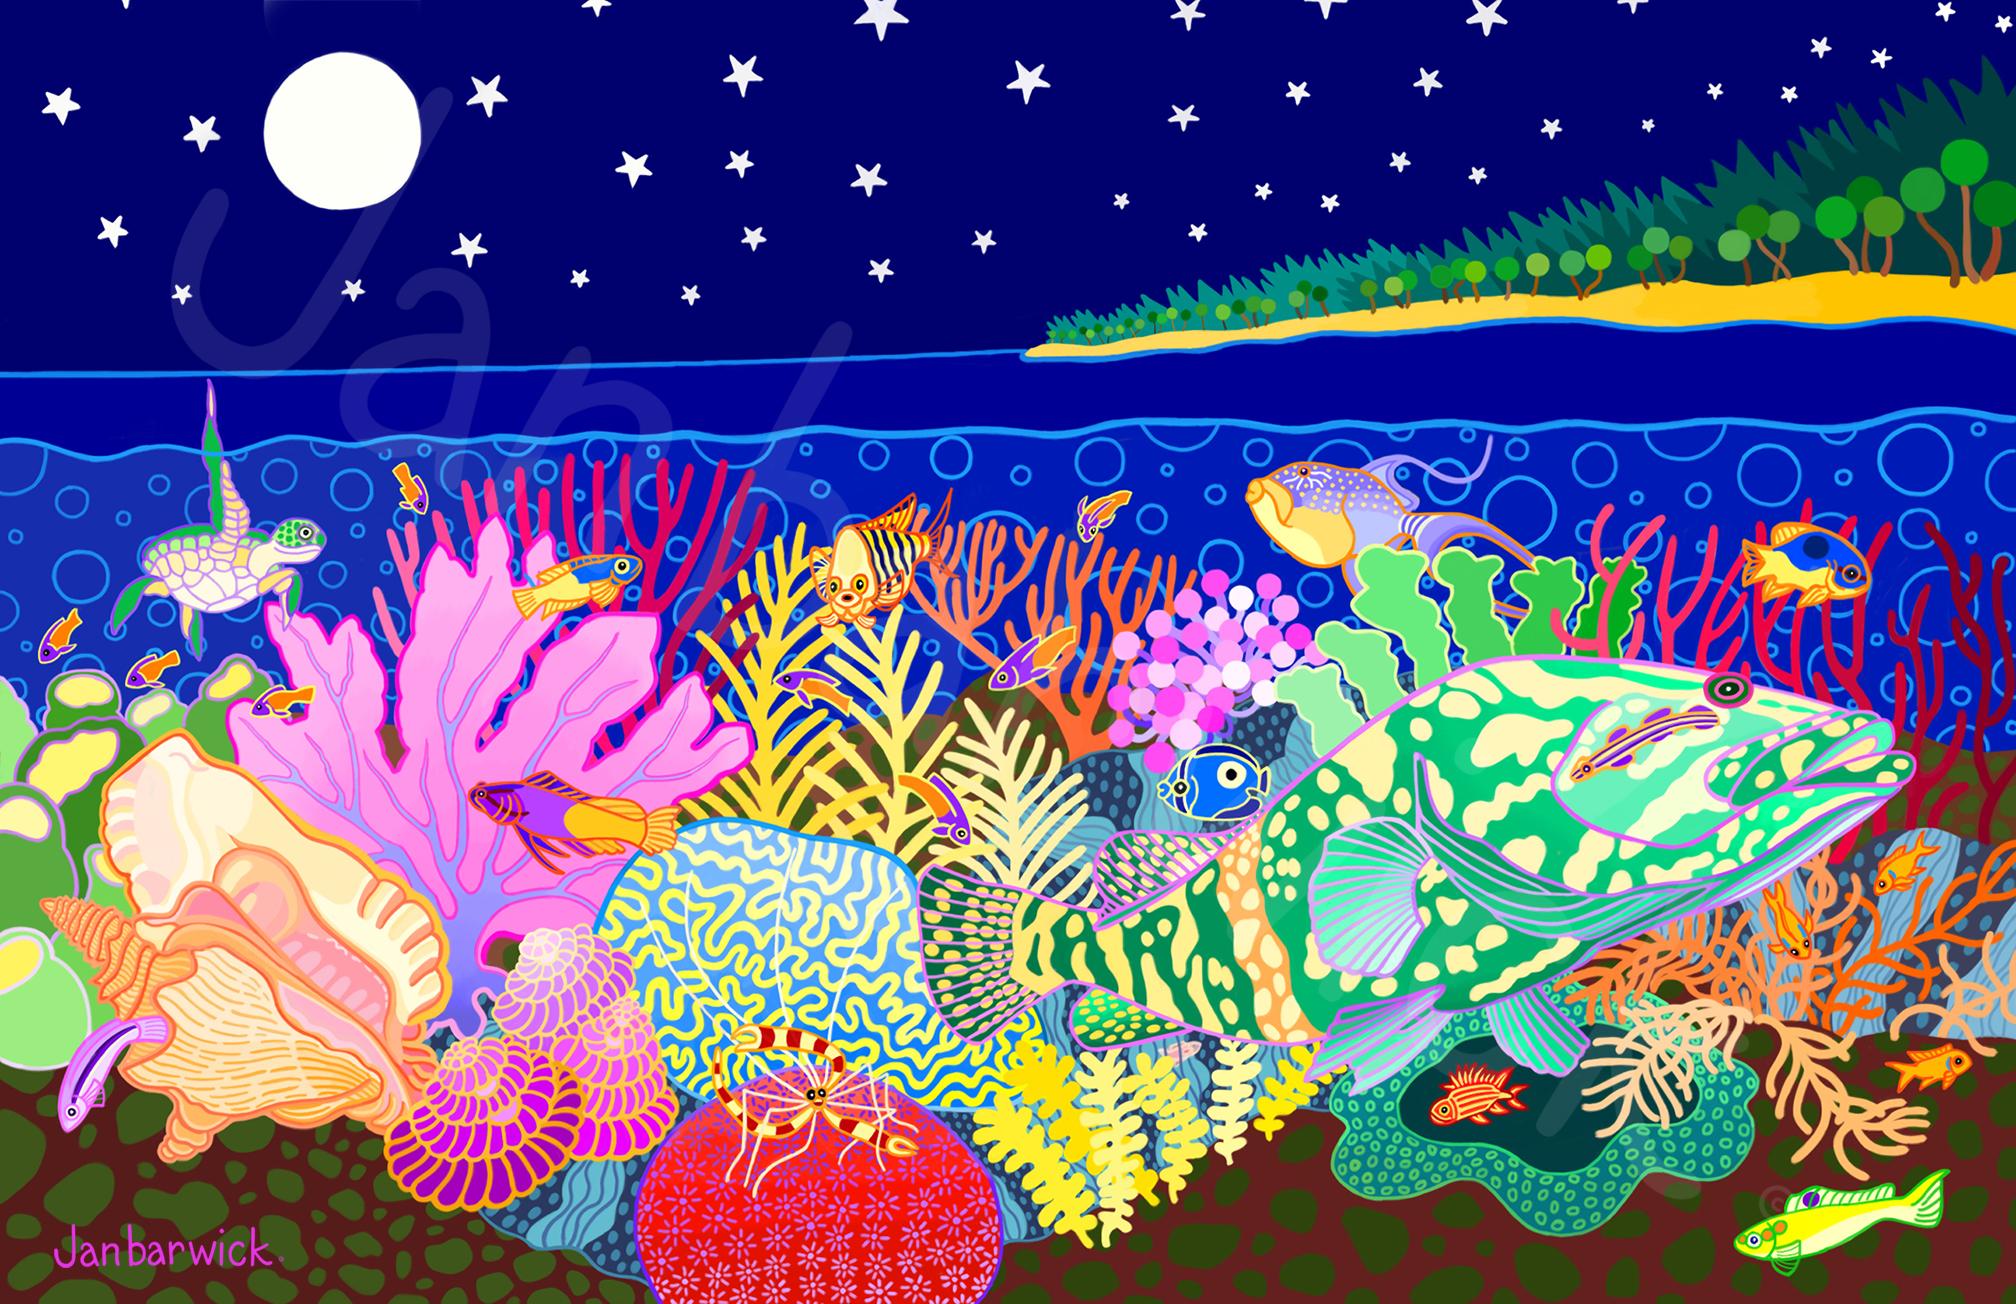 Moonlit Ballade